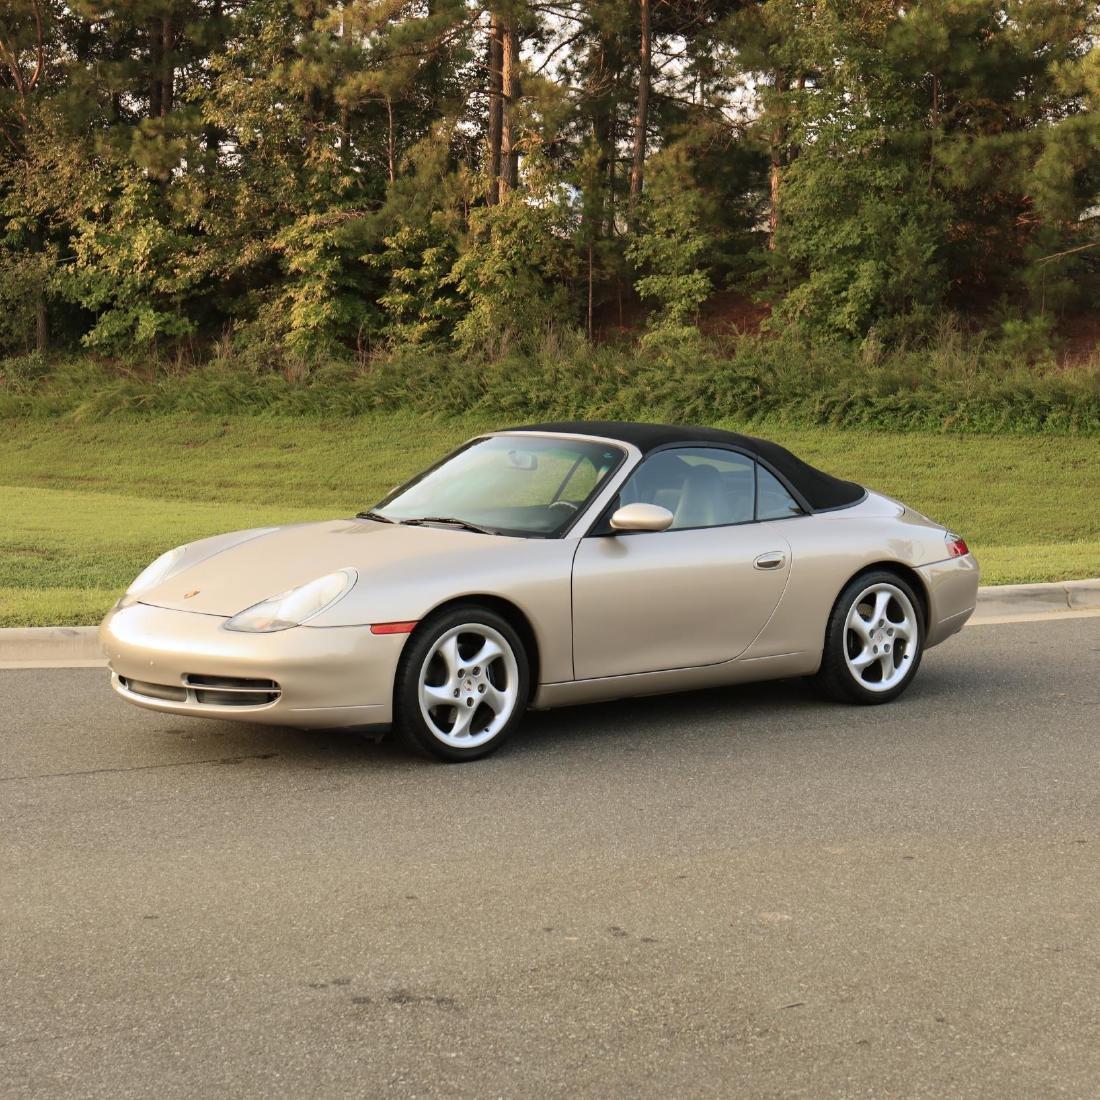 1999 Porsche 911 Carrera Convertible - 2